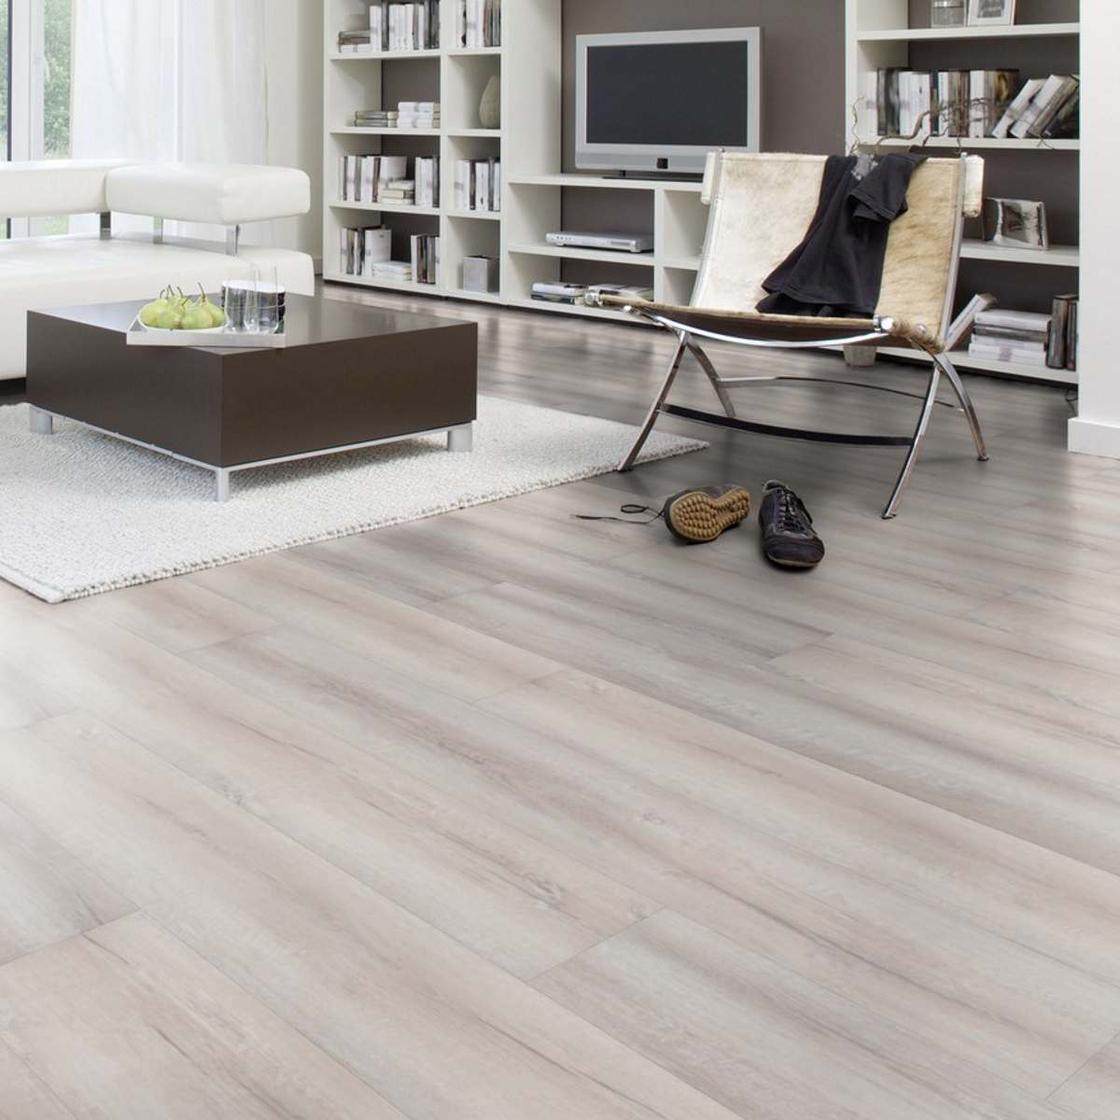 vinylboden schlafzimmer